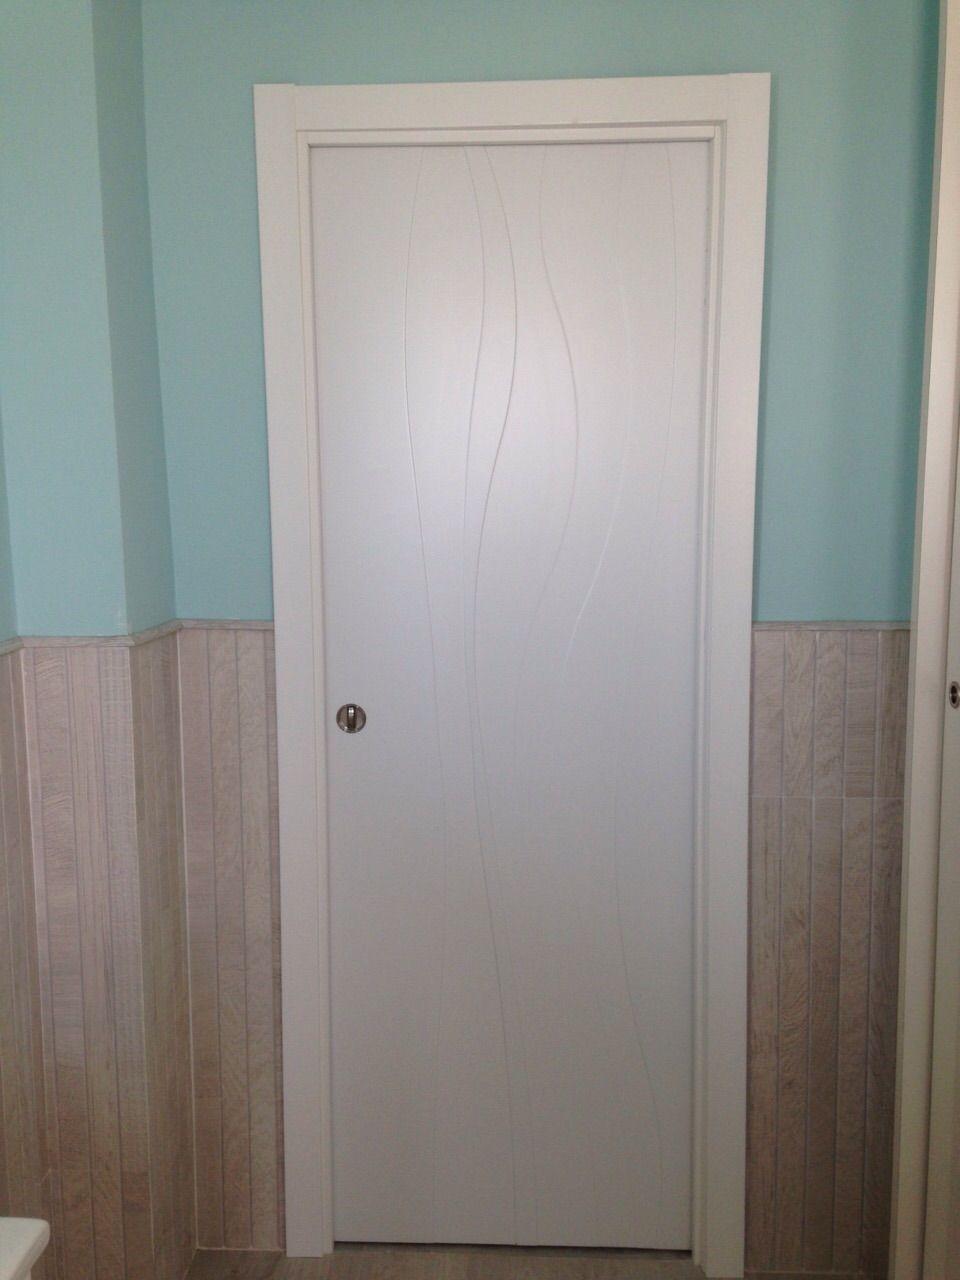 Original dise o en puerta lacada en blanco modelo gongora for Puertas originales madera